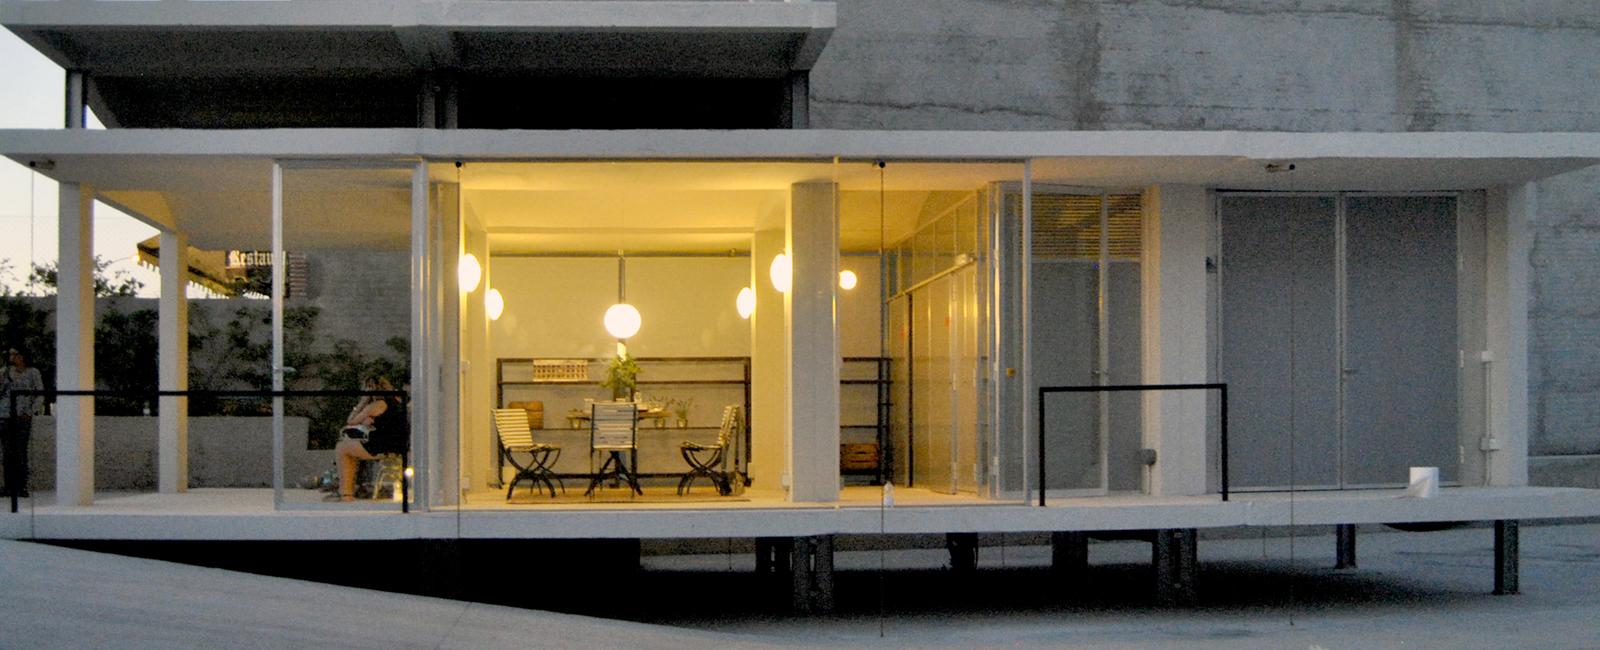 Casas prefabricadas de hormigon originales obox housing for Casas de hormigon asturias